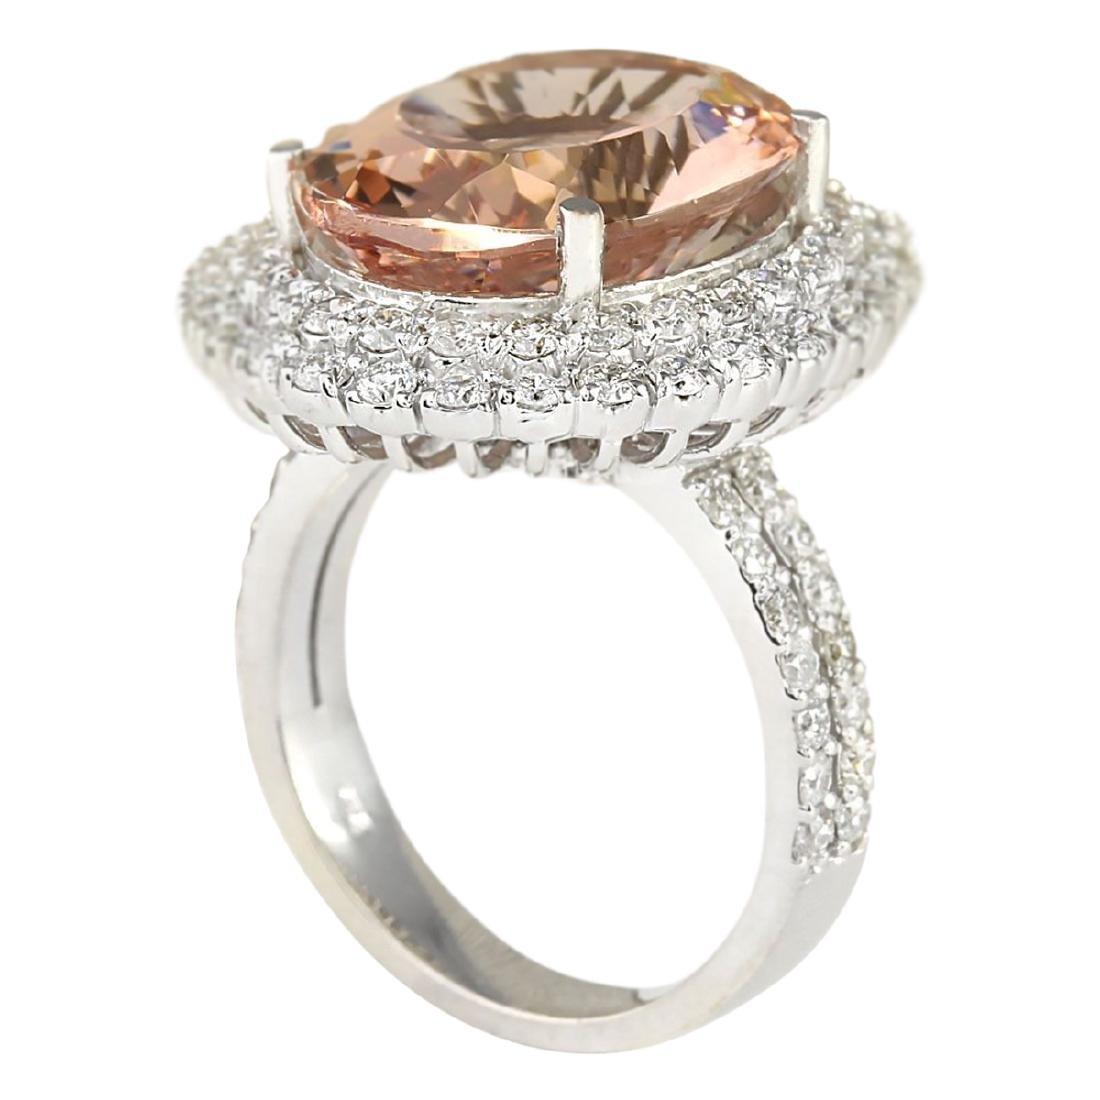 11.53 CTW Natural Morganite And Diamond Ring In 18K - 3